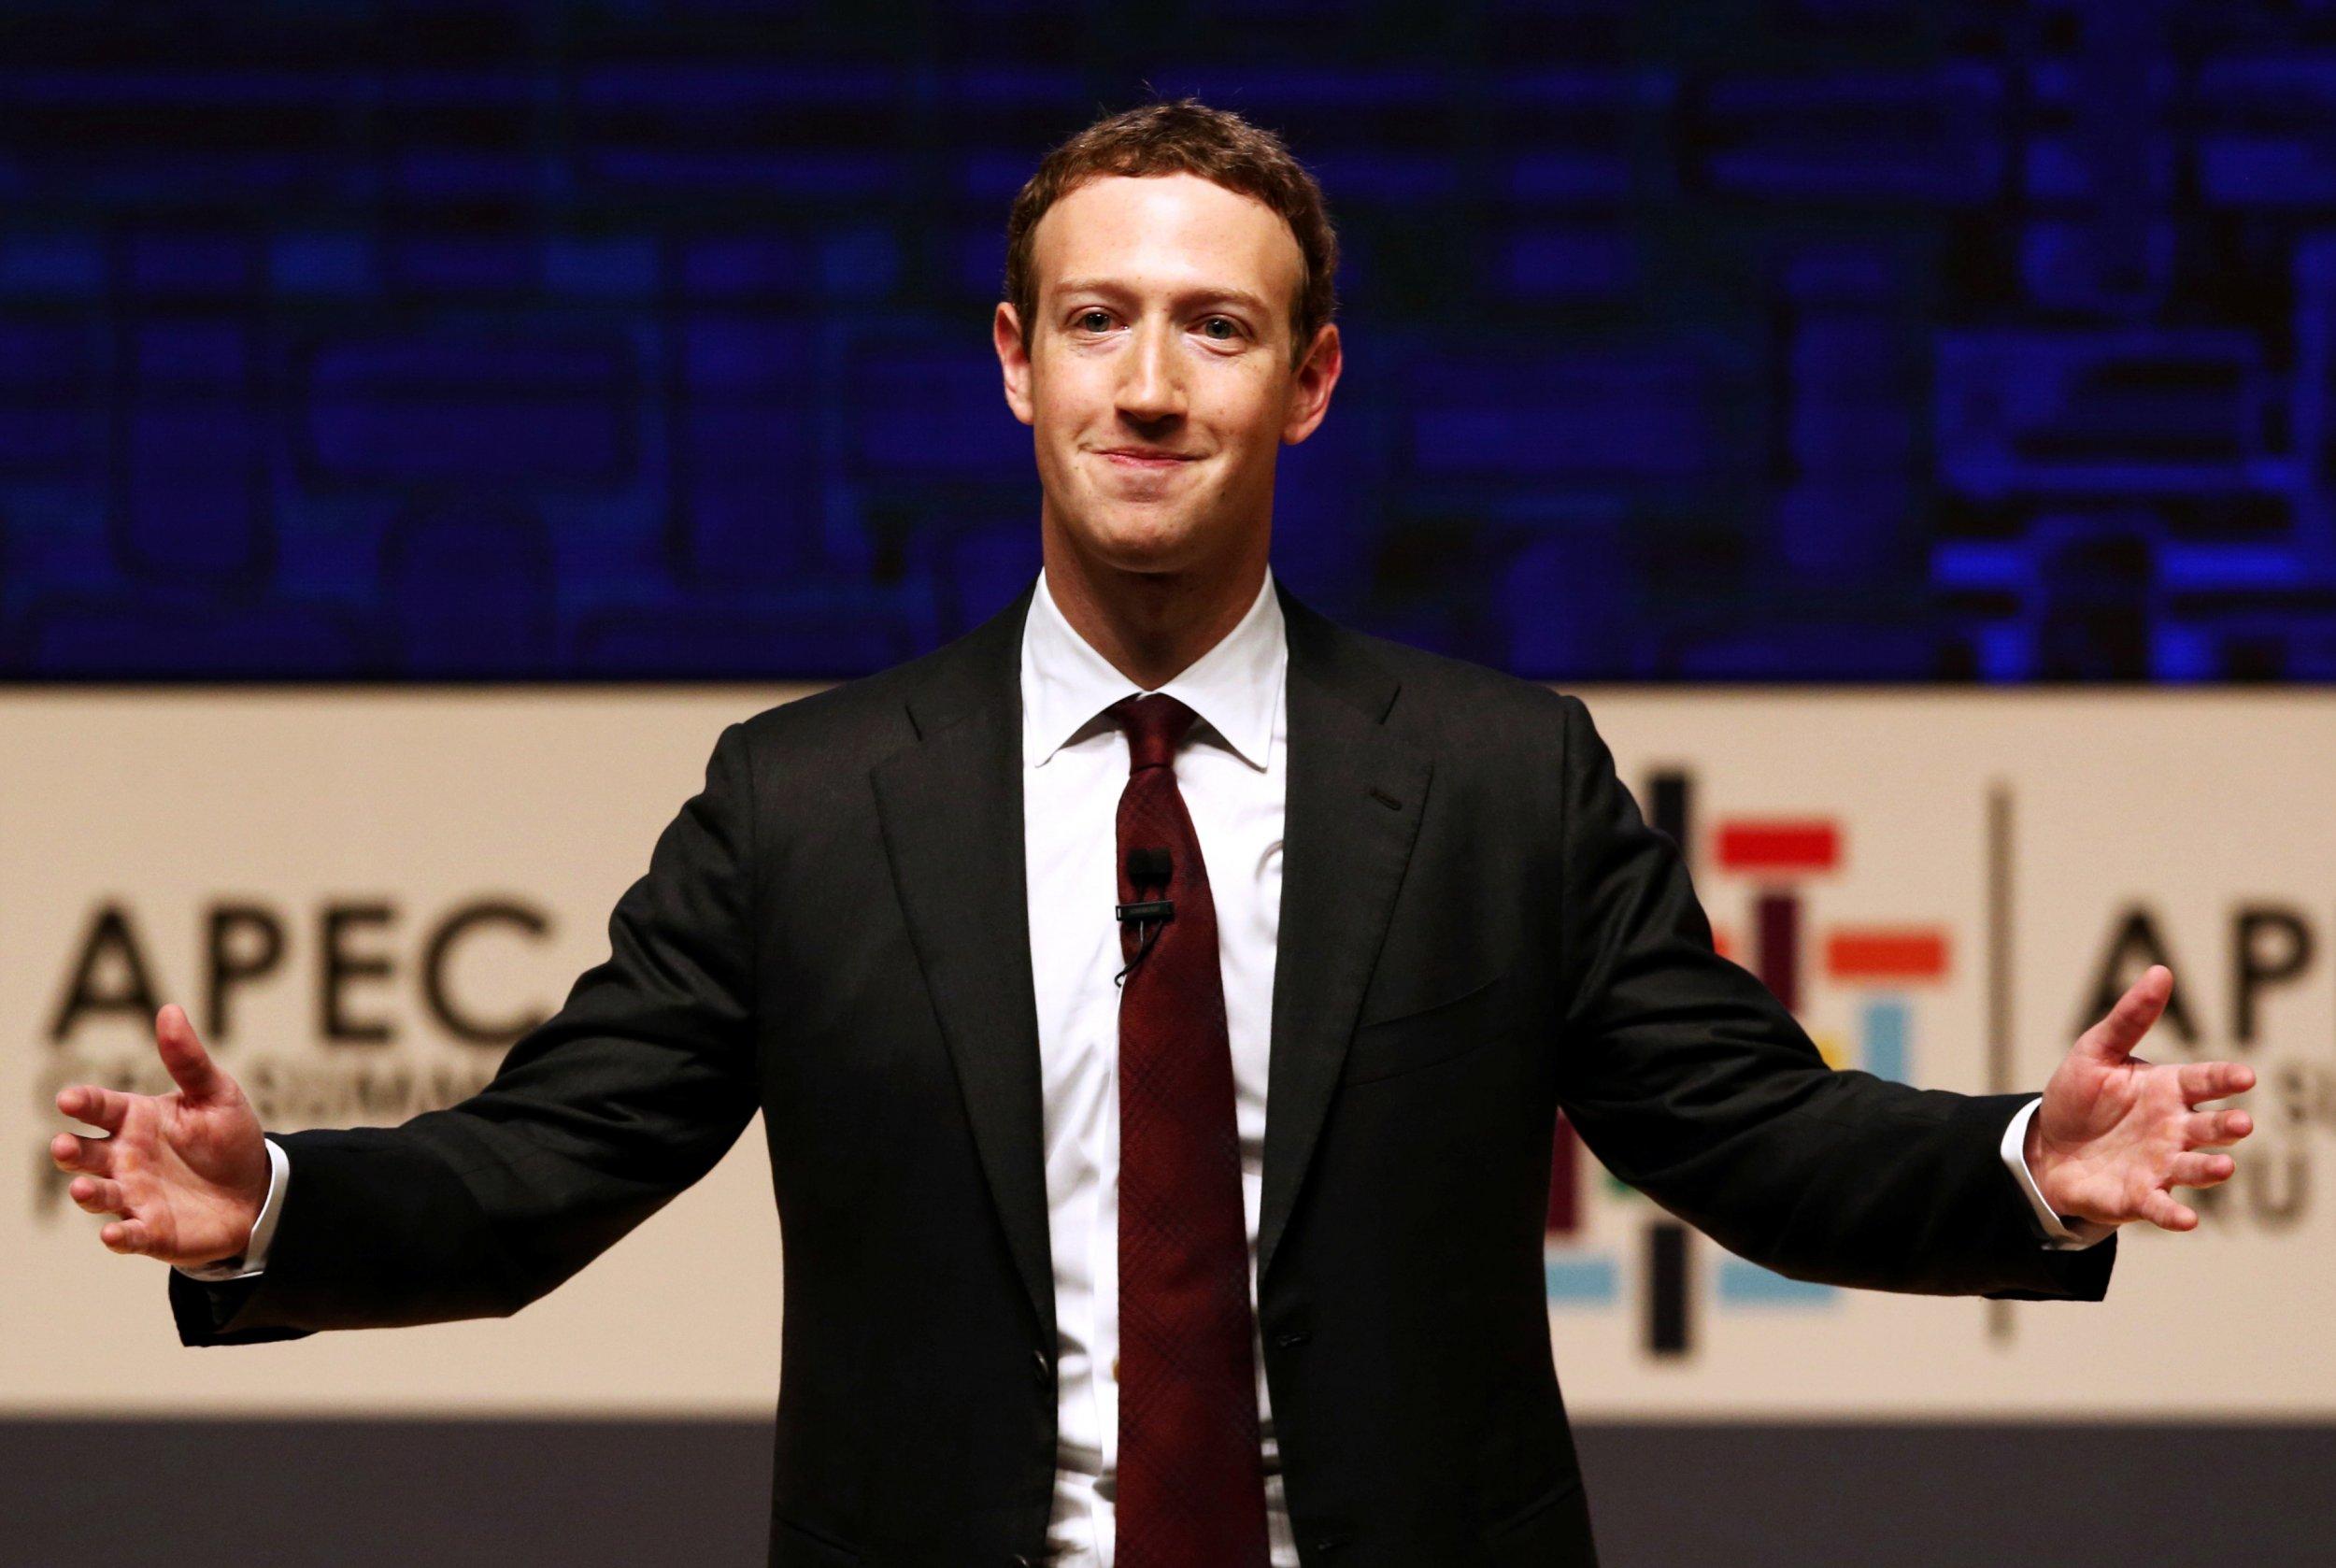 Mark Zuckerberg fake news